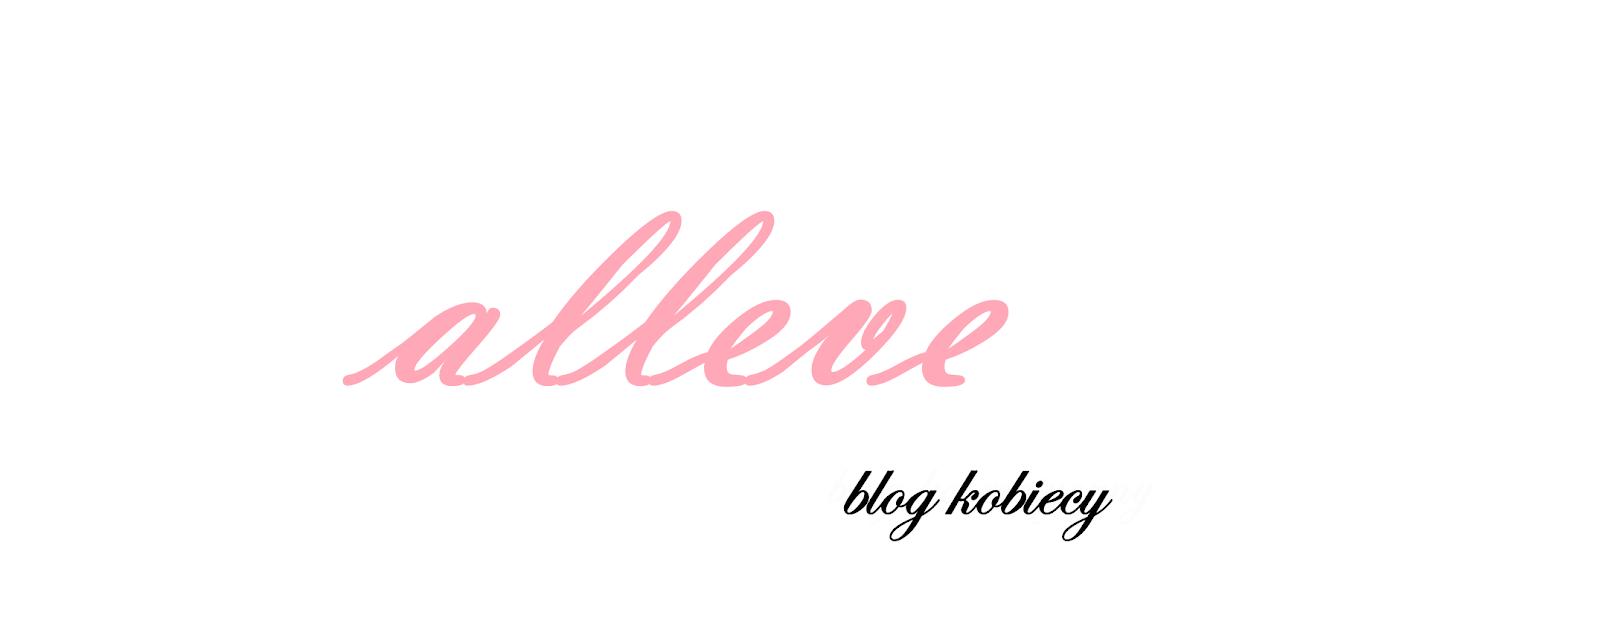 alleve - blog kobiecy